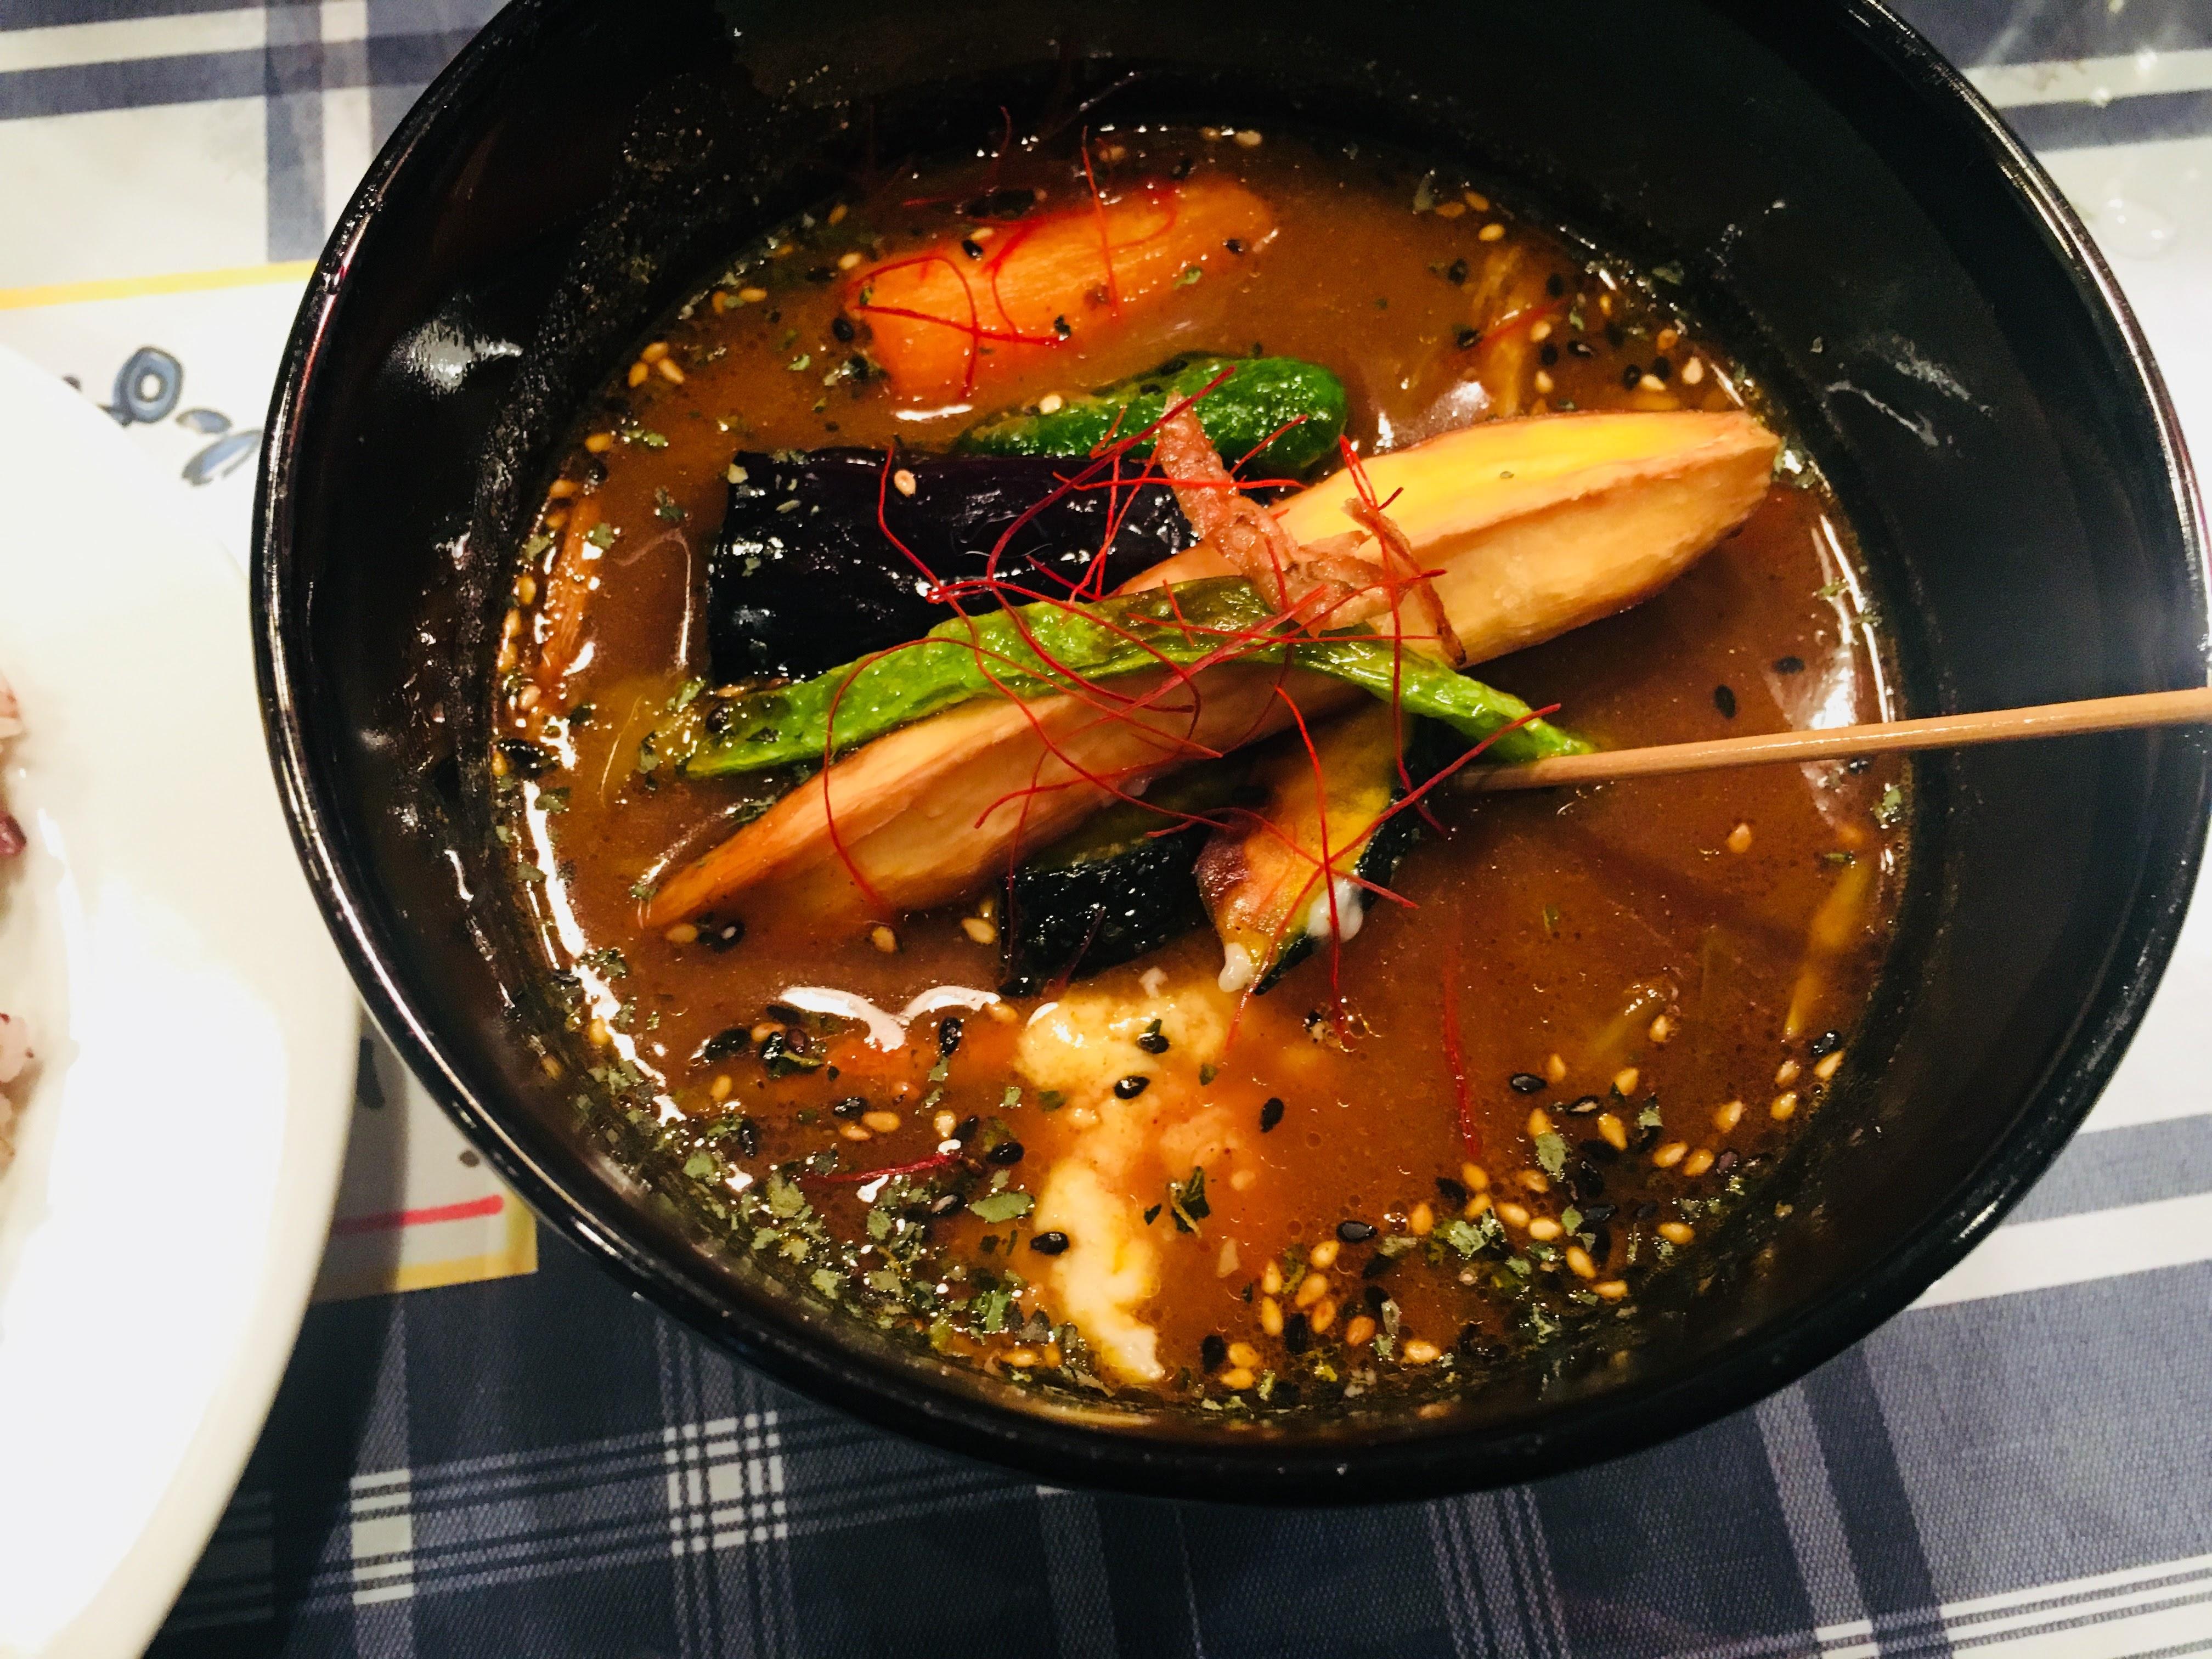 【イエロースパイス】熊本市下通で食べれる自分だけのオリジナル絶品スープカレー専門店